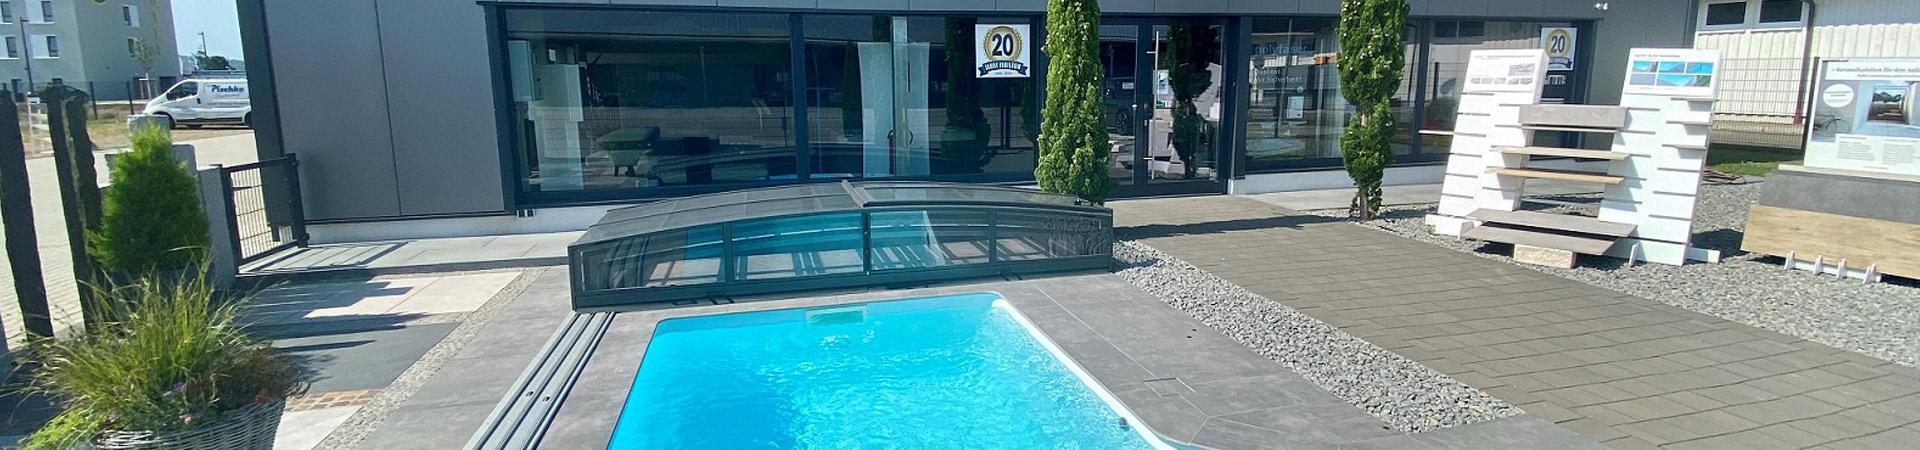 Ausstellungsräume Pischke Pool-Center in Ettenheim